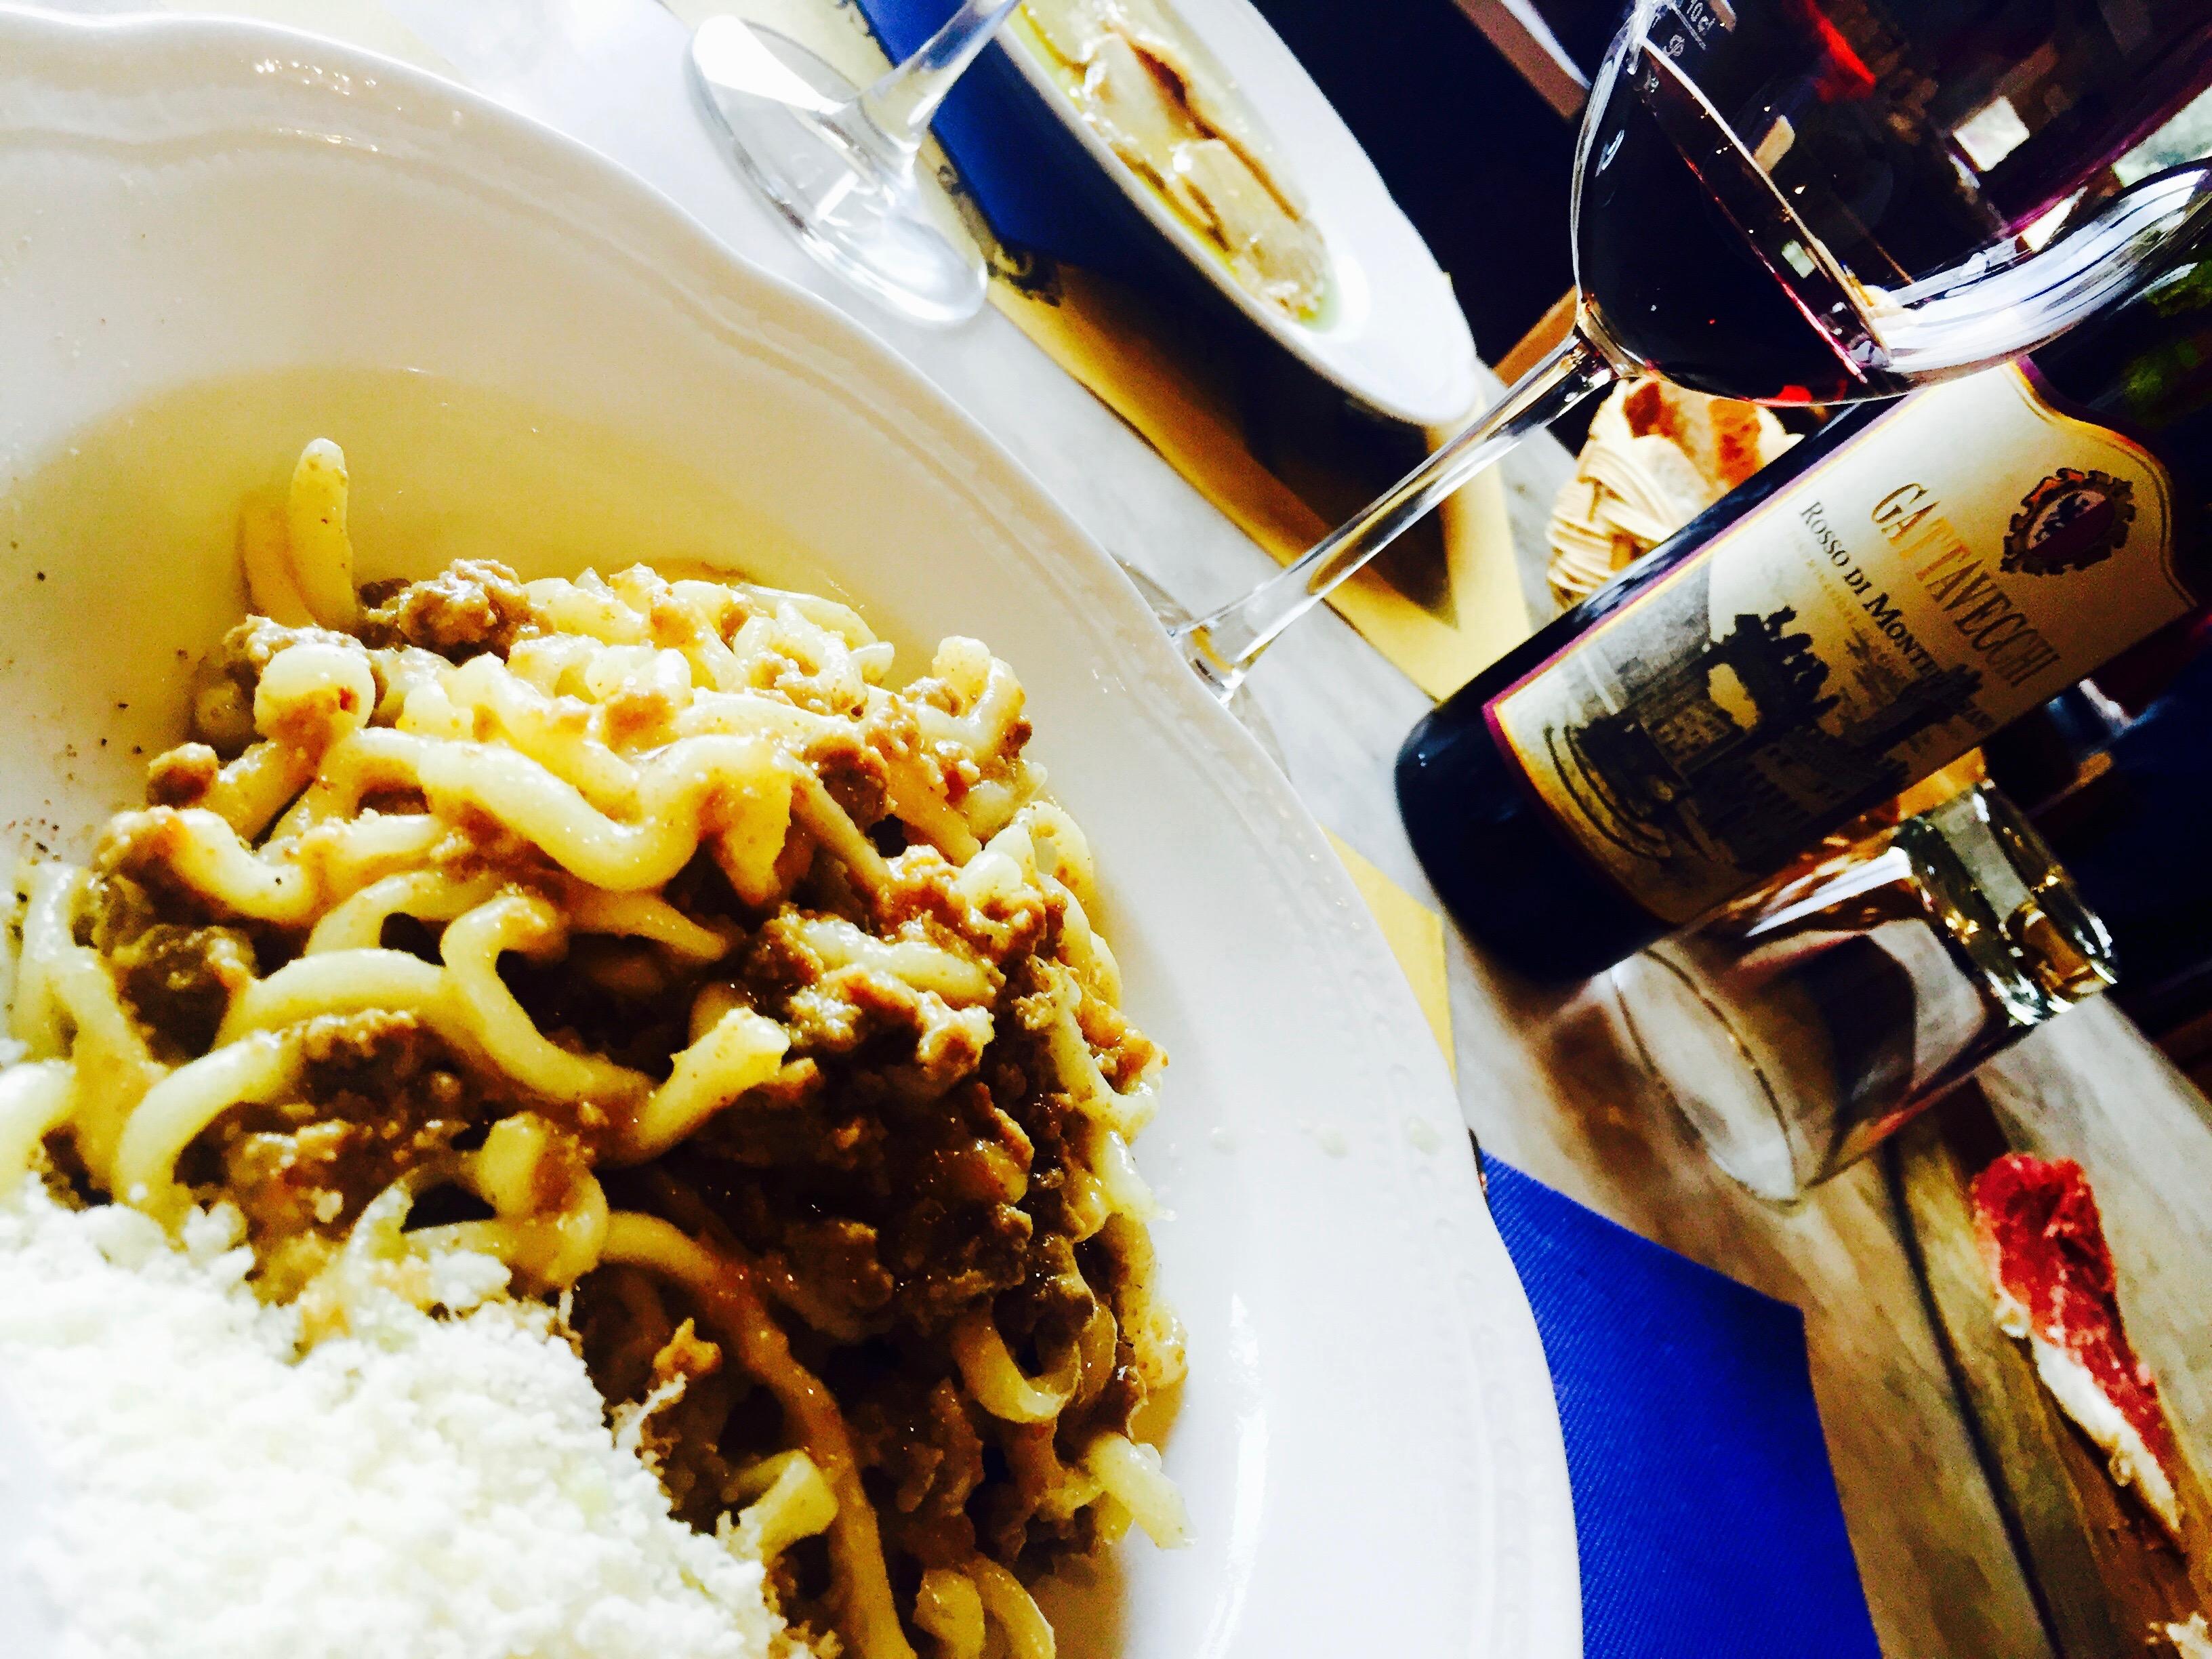 Gattavecchi restaurant